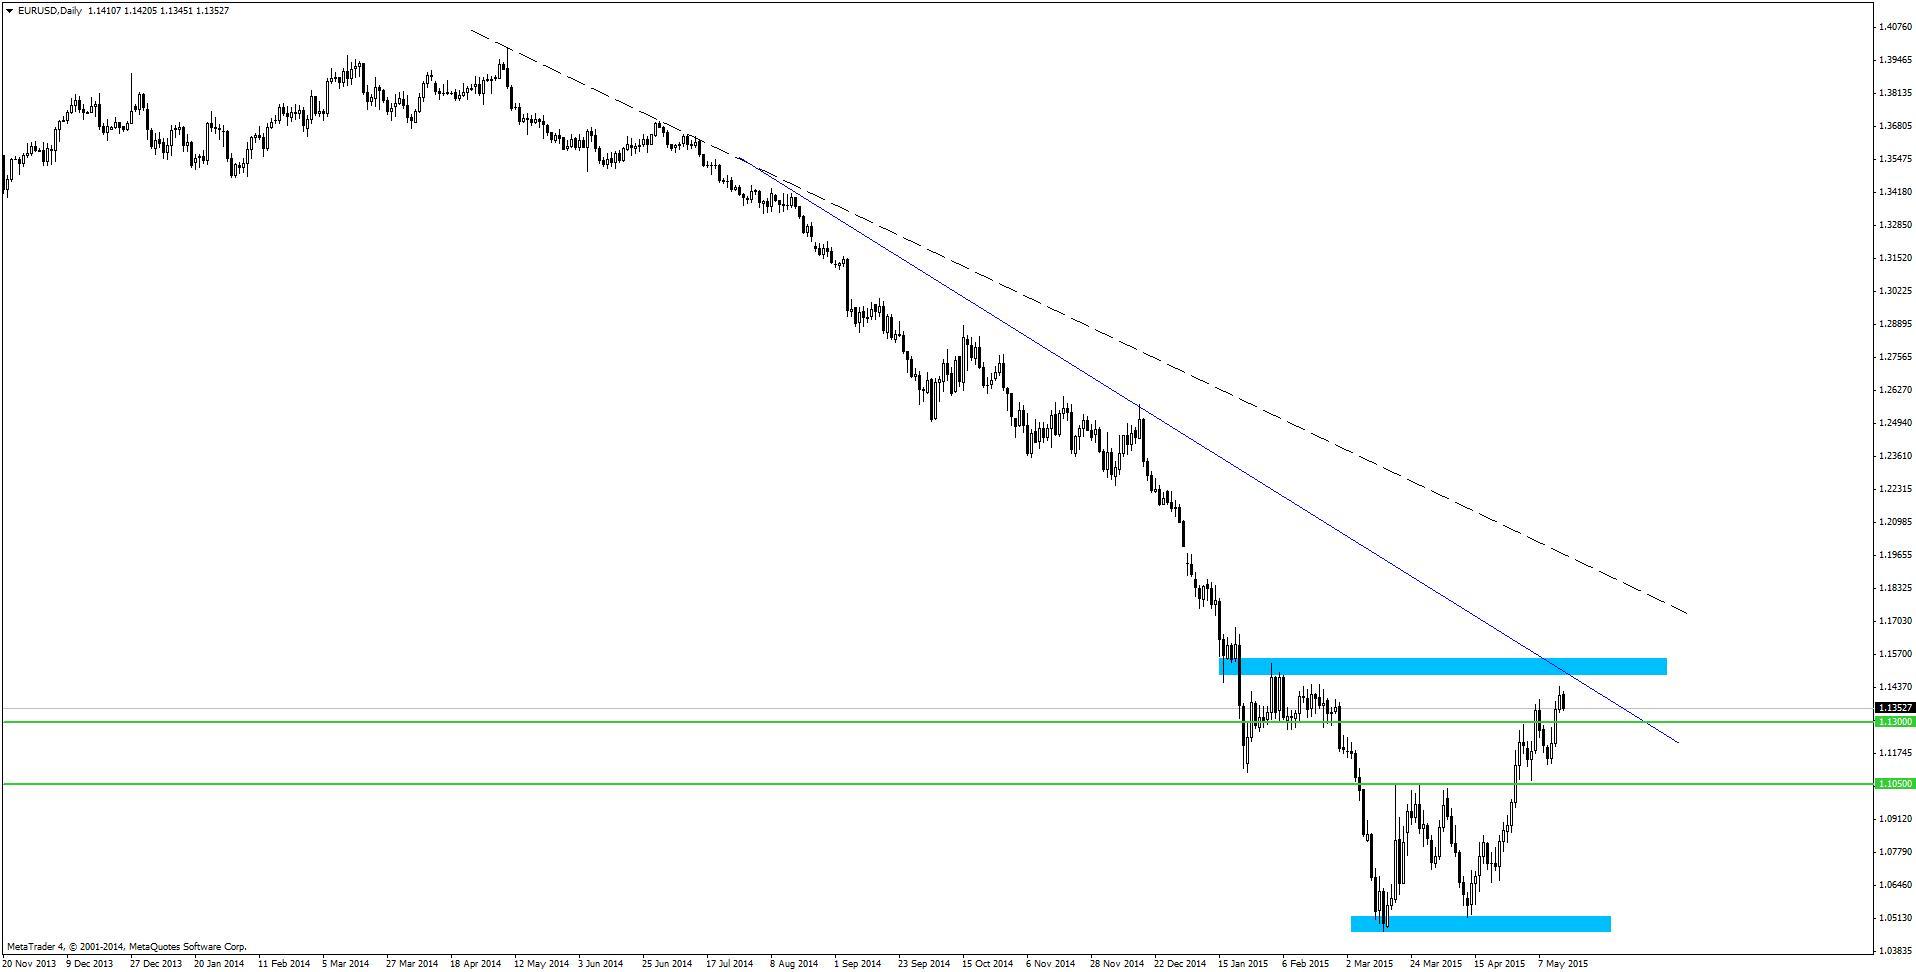 Nikkei 225 forexpros